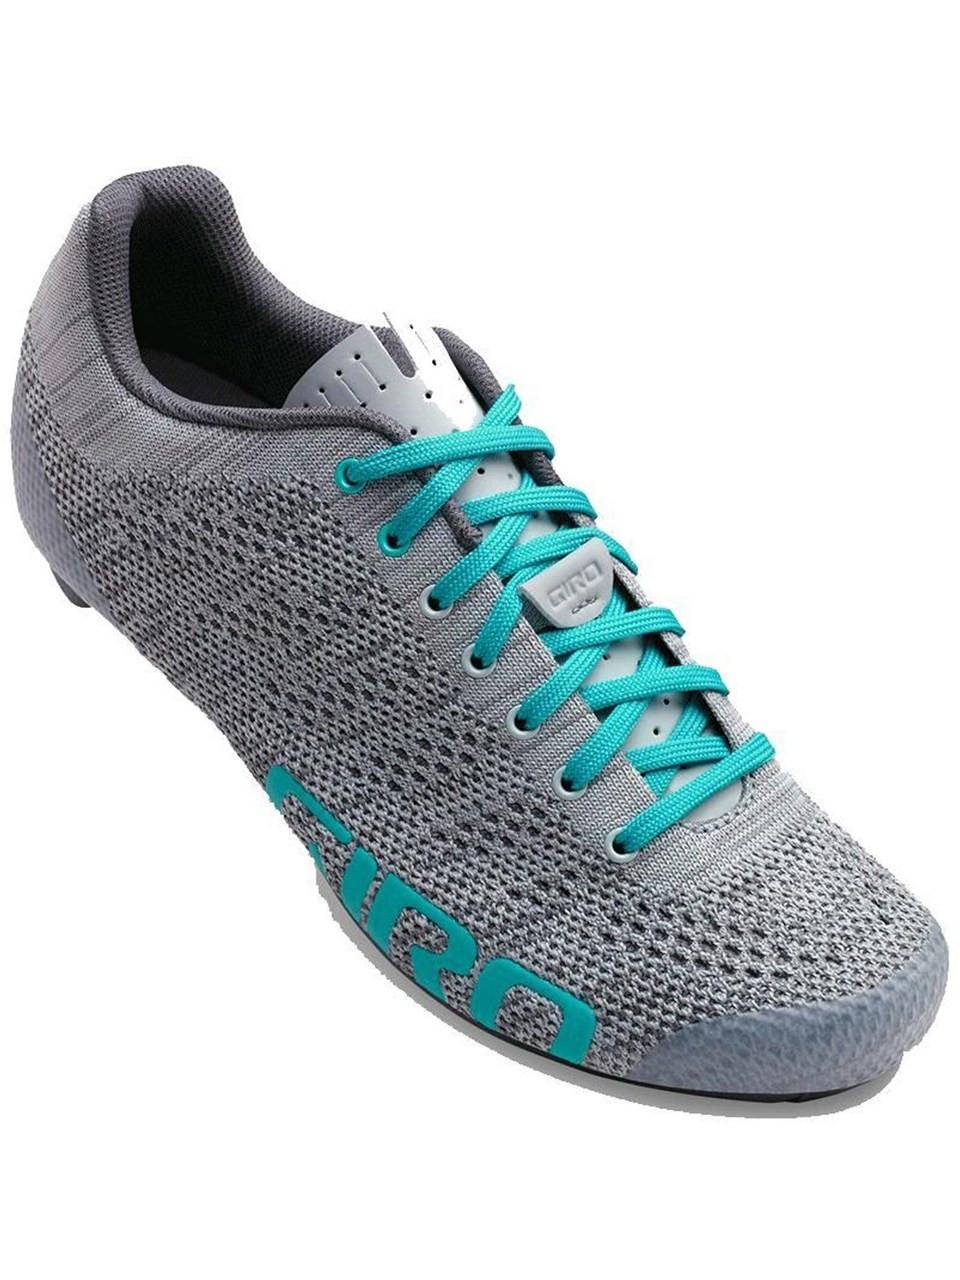 Giro Empire E70 Knit Road Shoe Men's